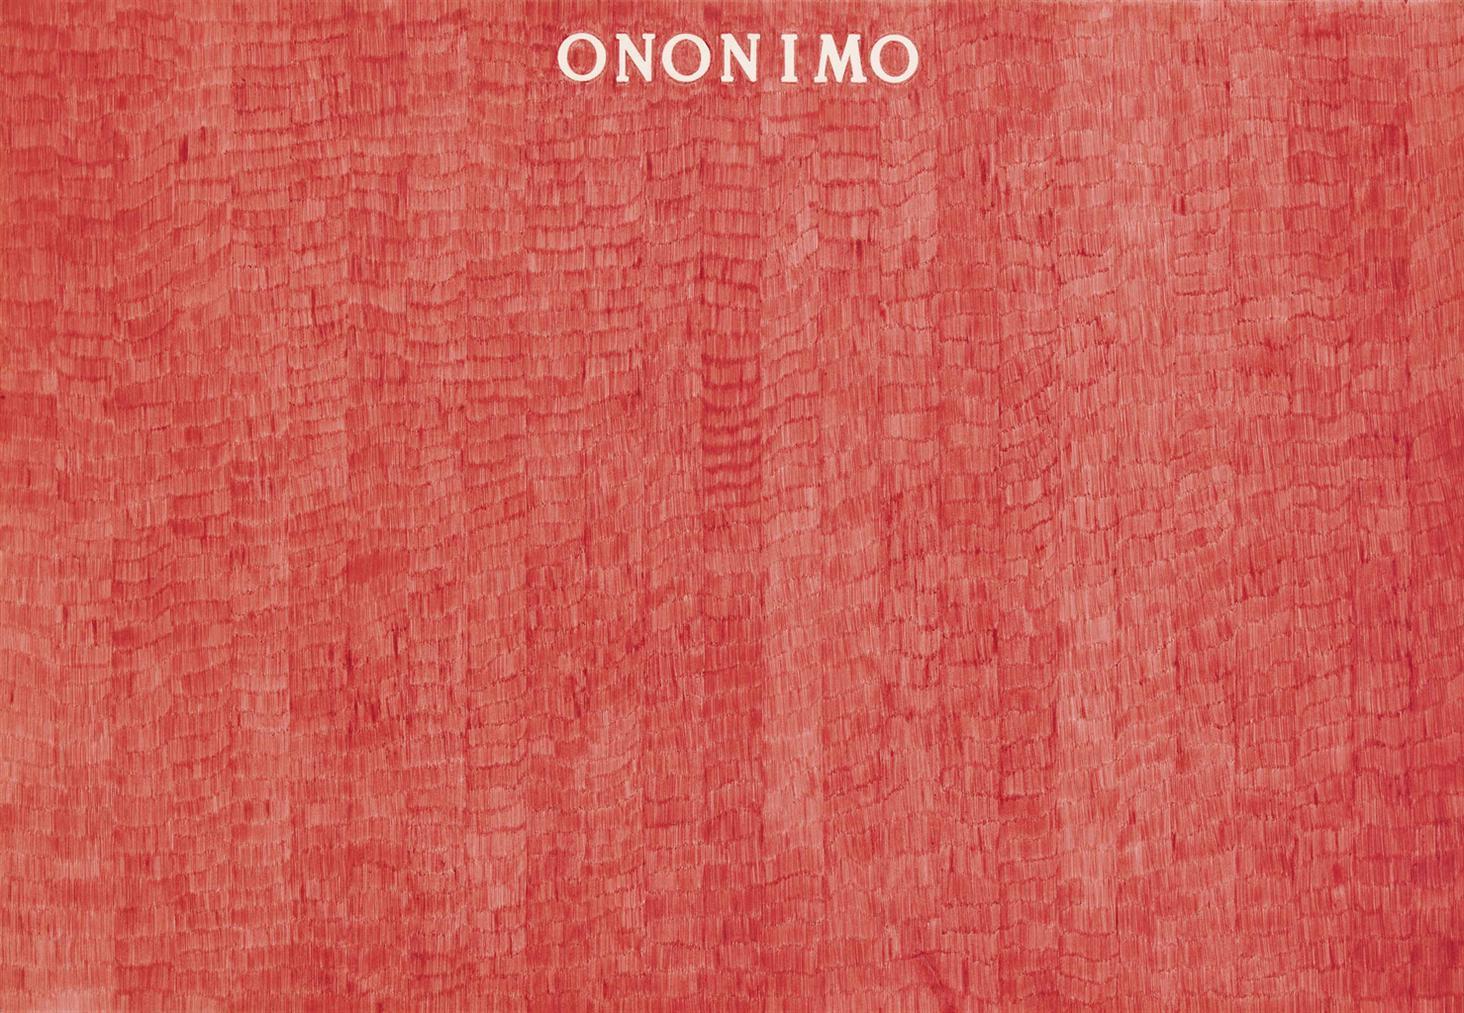 Alighiero Boetti-Ononimo-1974